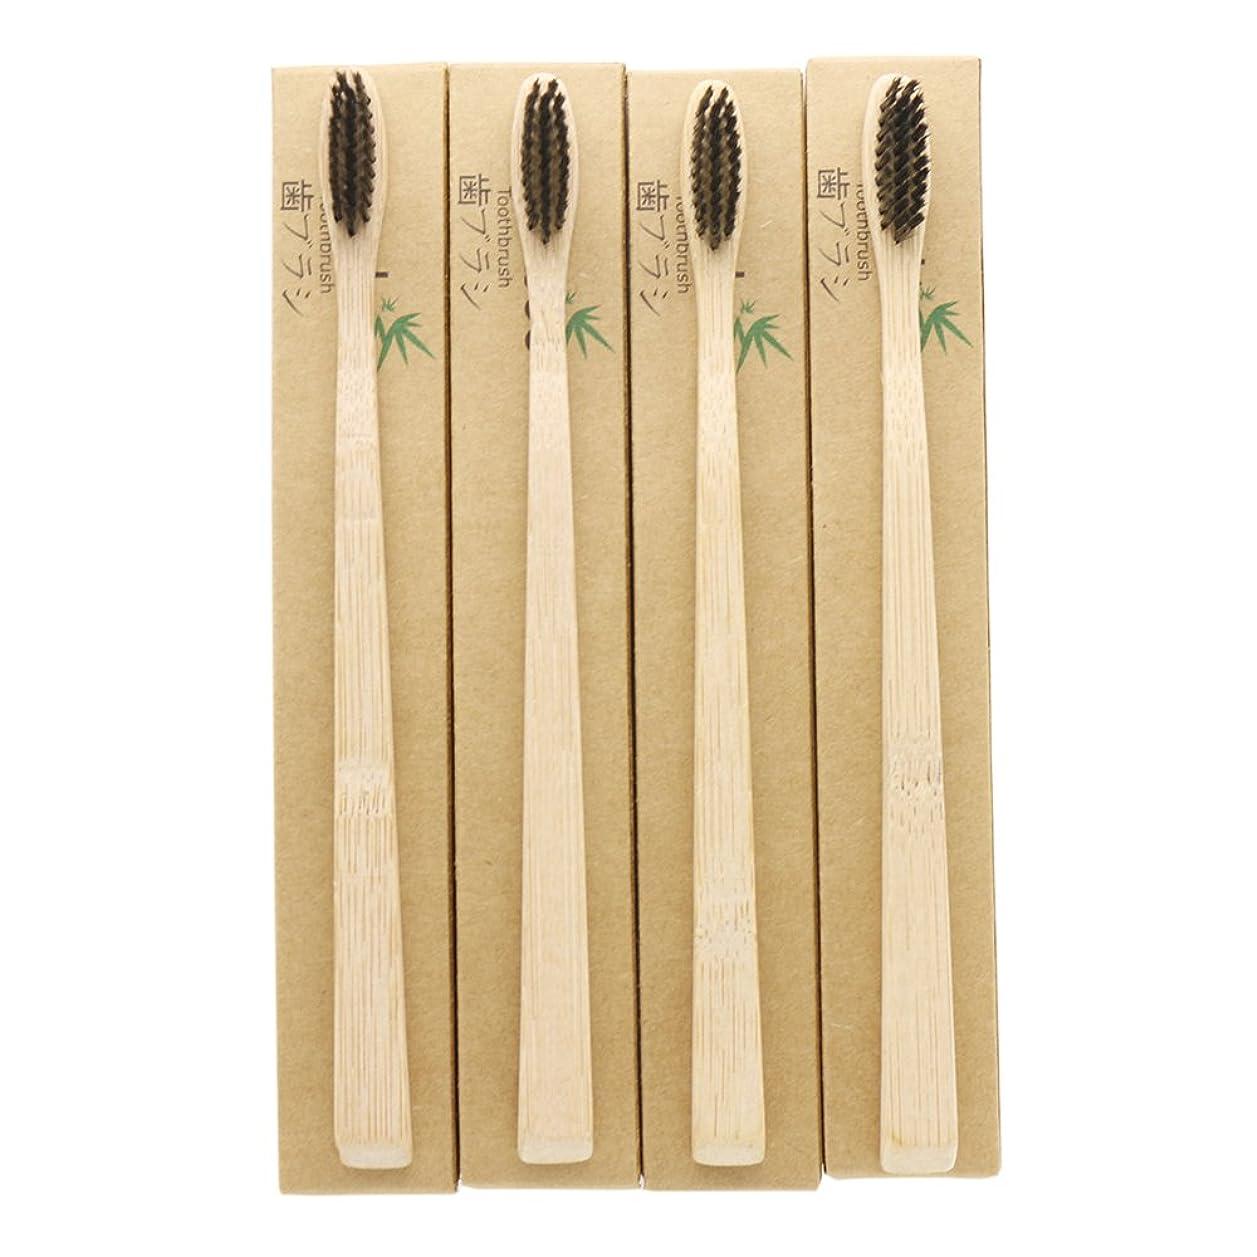 運ぶランドリーステレオタイプN-amboo 竹製耐久度高い 歯ブラシ 黒い ハンドル小さい 4本入りセット